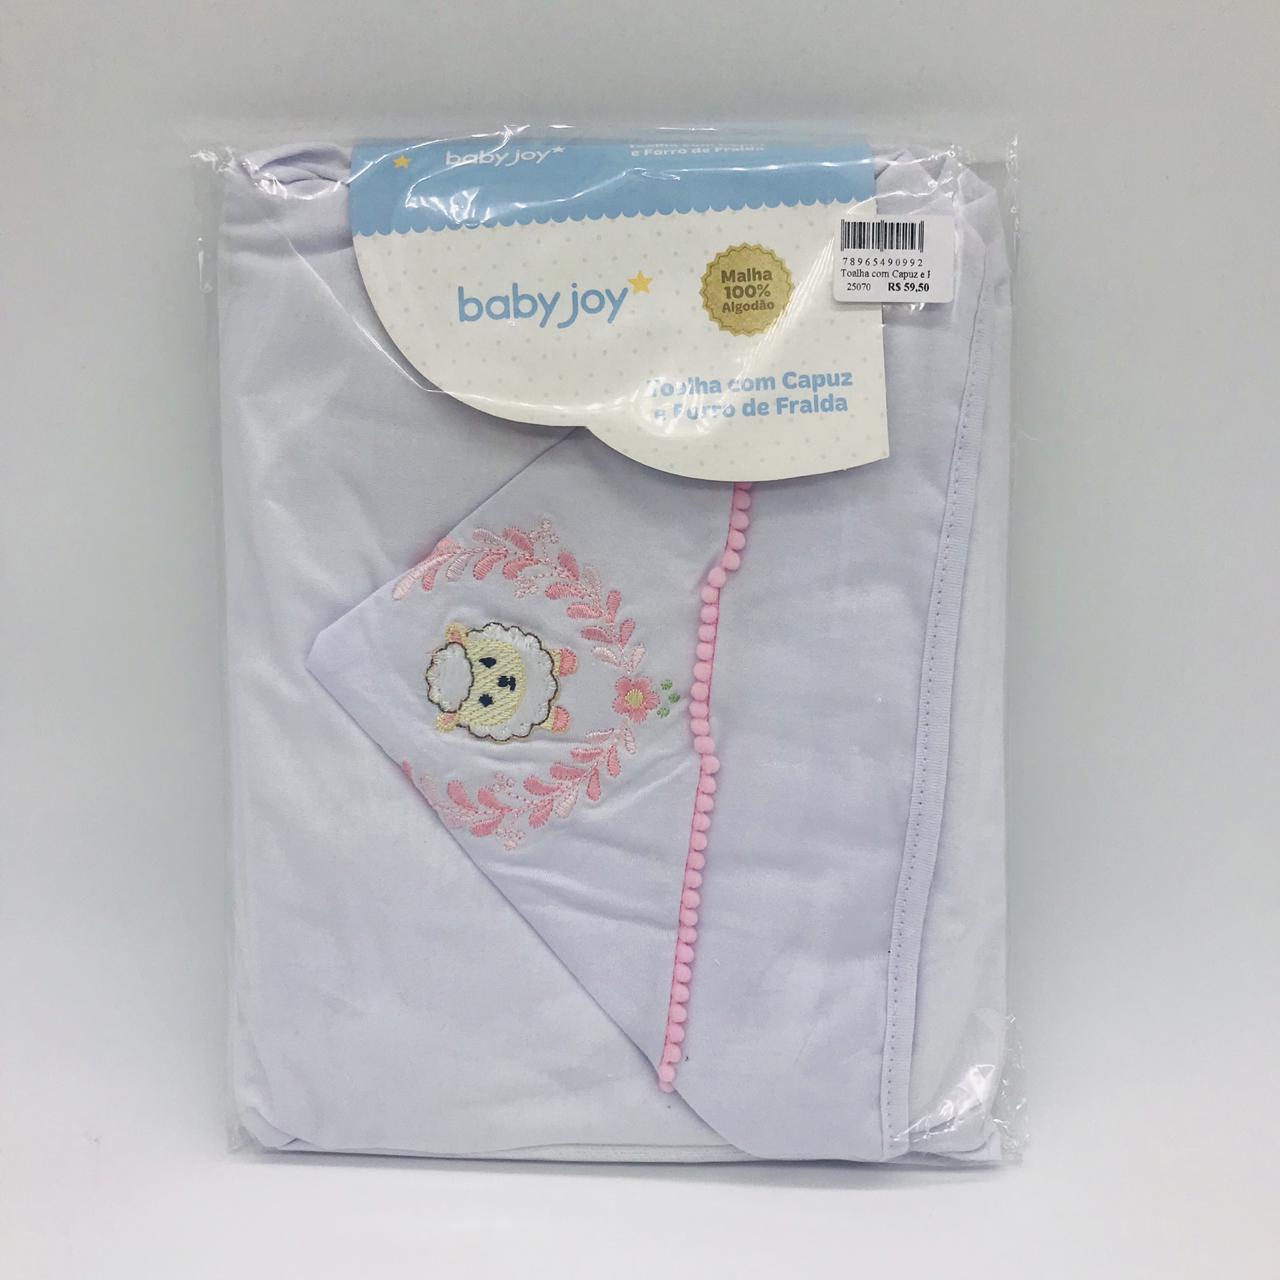 Toalha Com Capuz e Forro de Fralda Bordado Ovelha -  Baby Joy Incomfral Ref 04043302020007